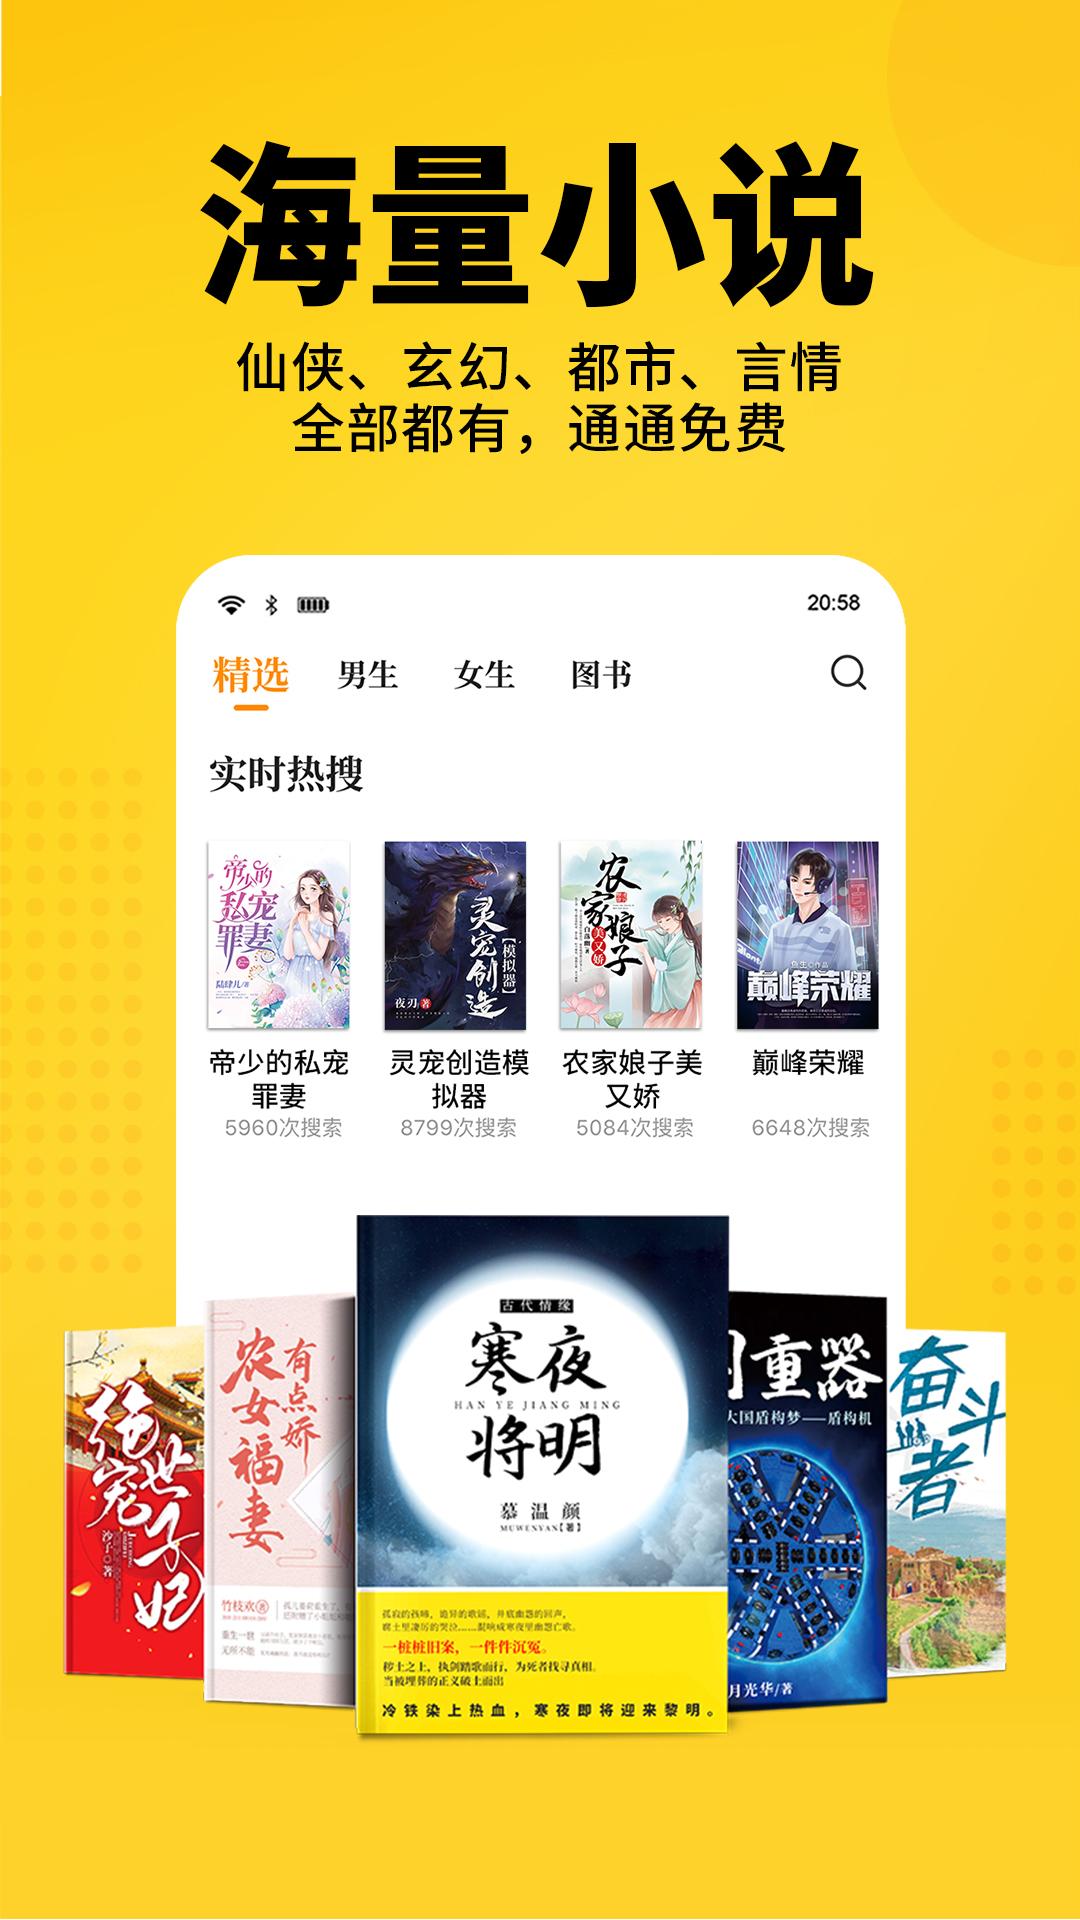 七猫免费小说 V6.5.10 安卓最新版截图1